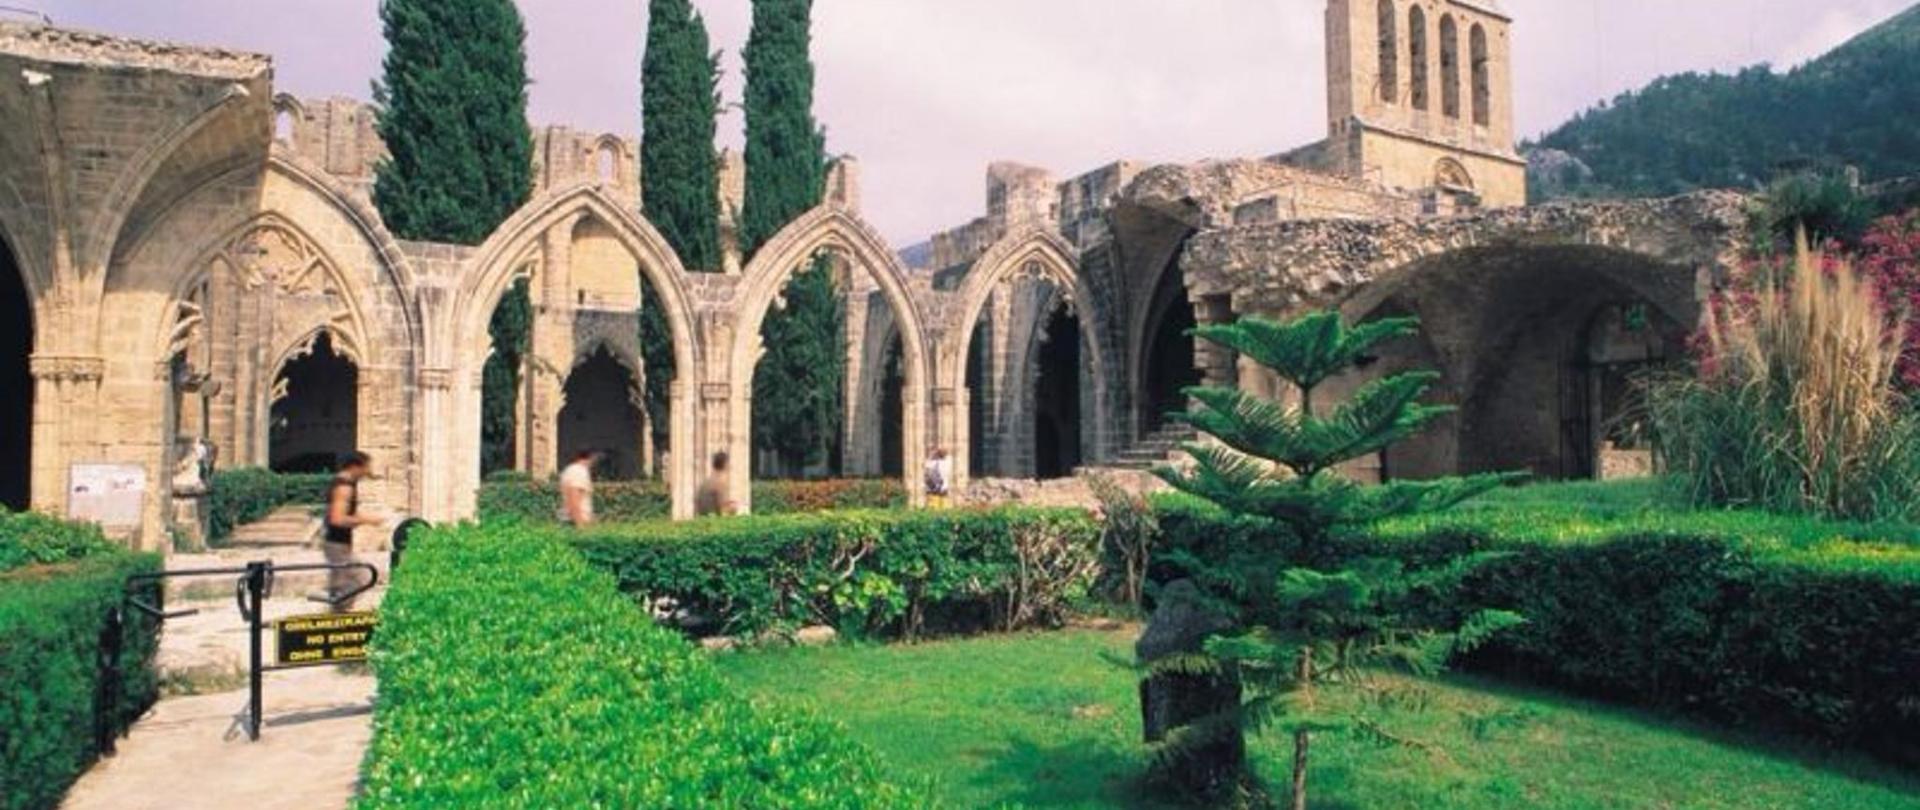 Bellapais Manastırı.jpg